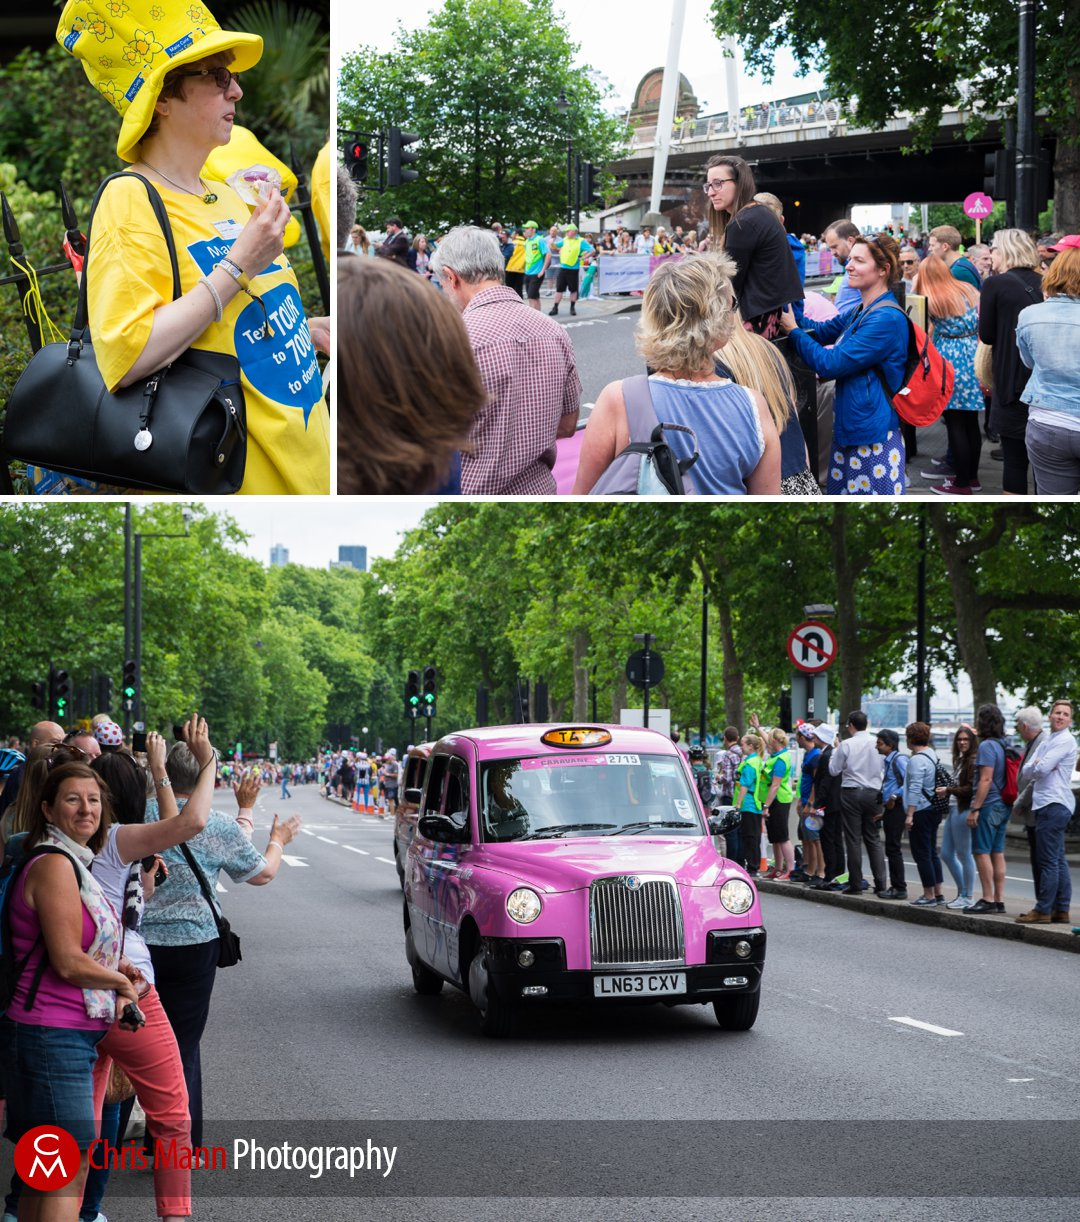 Tour de France 2014 stage 3 London spectators on the Embankment